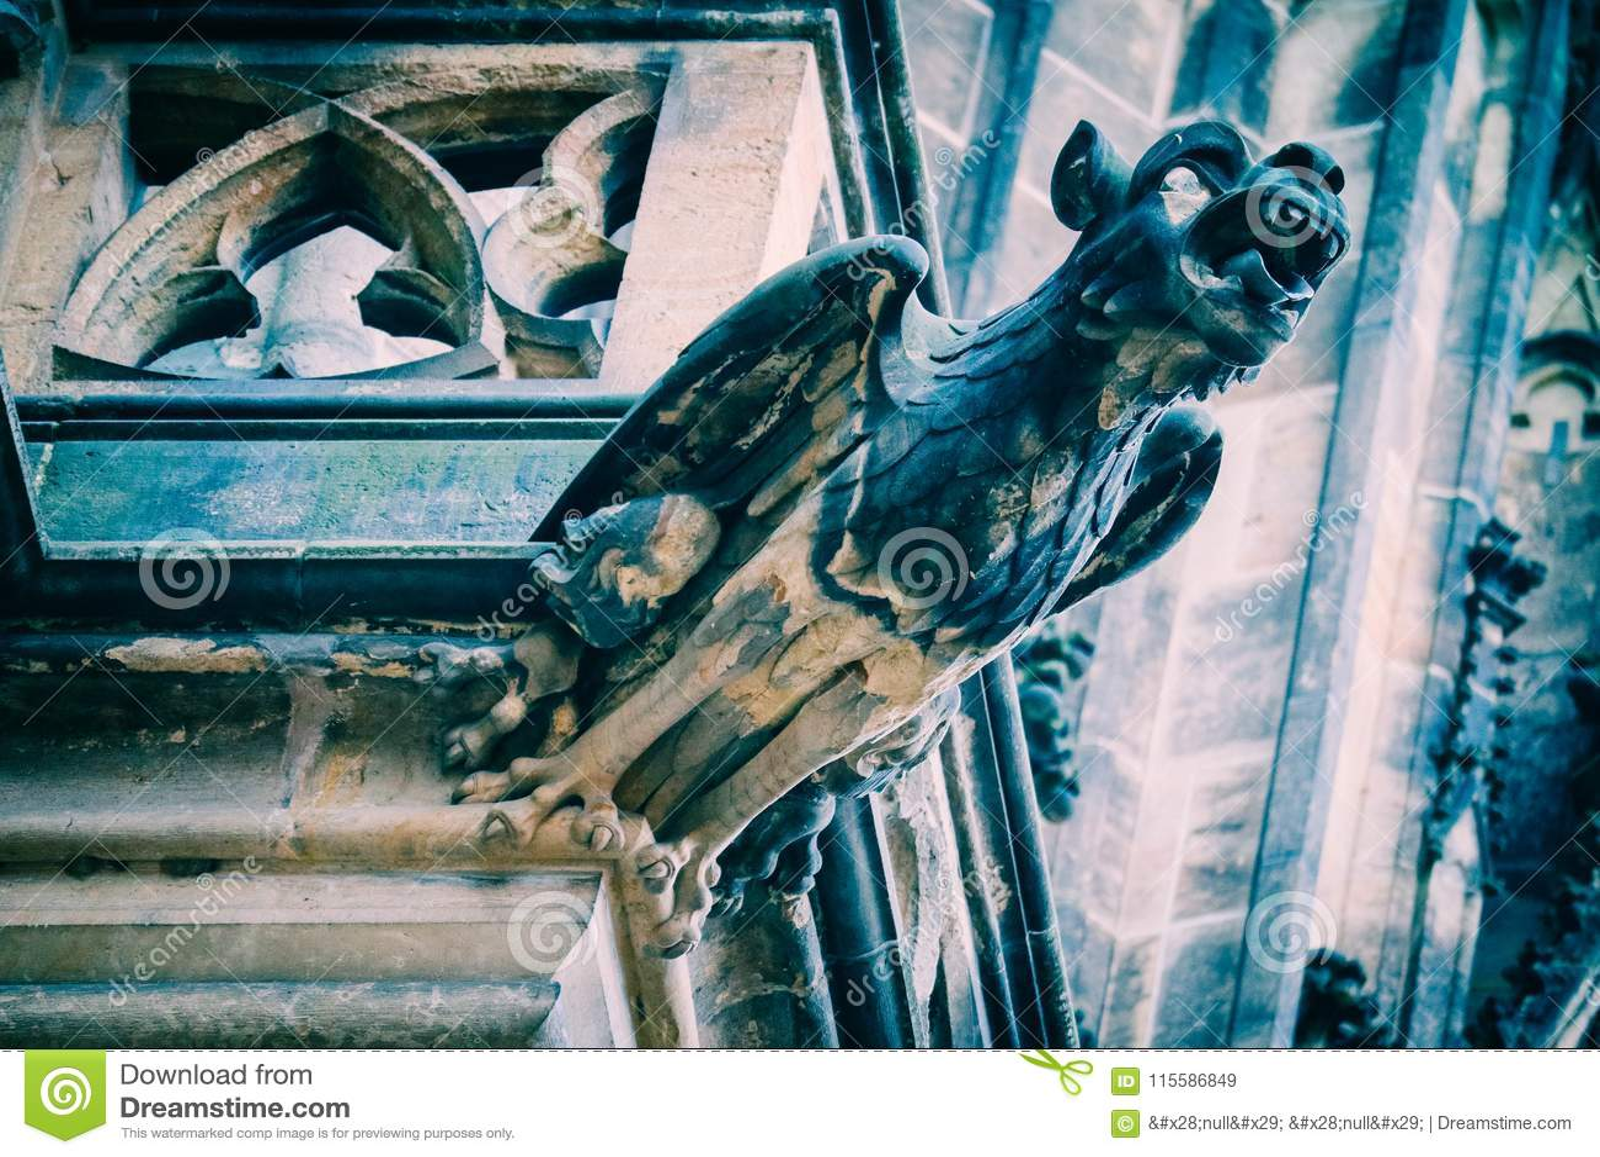 Czech architecture, scary gargoyle sculpture, gothic temple deco